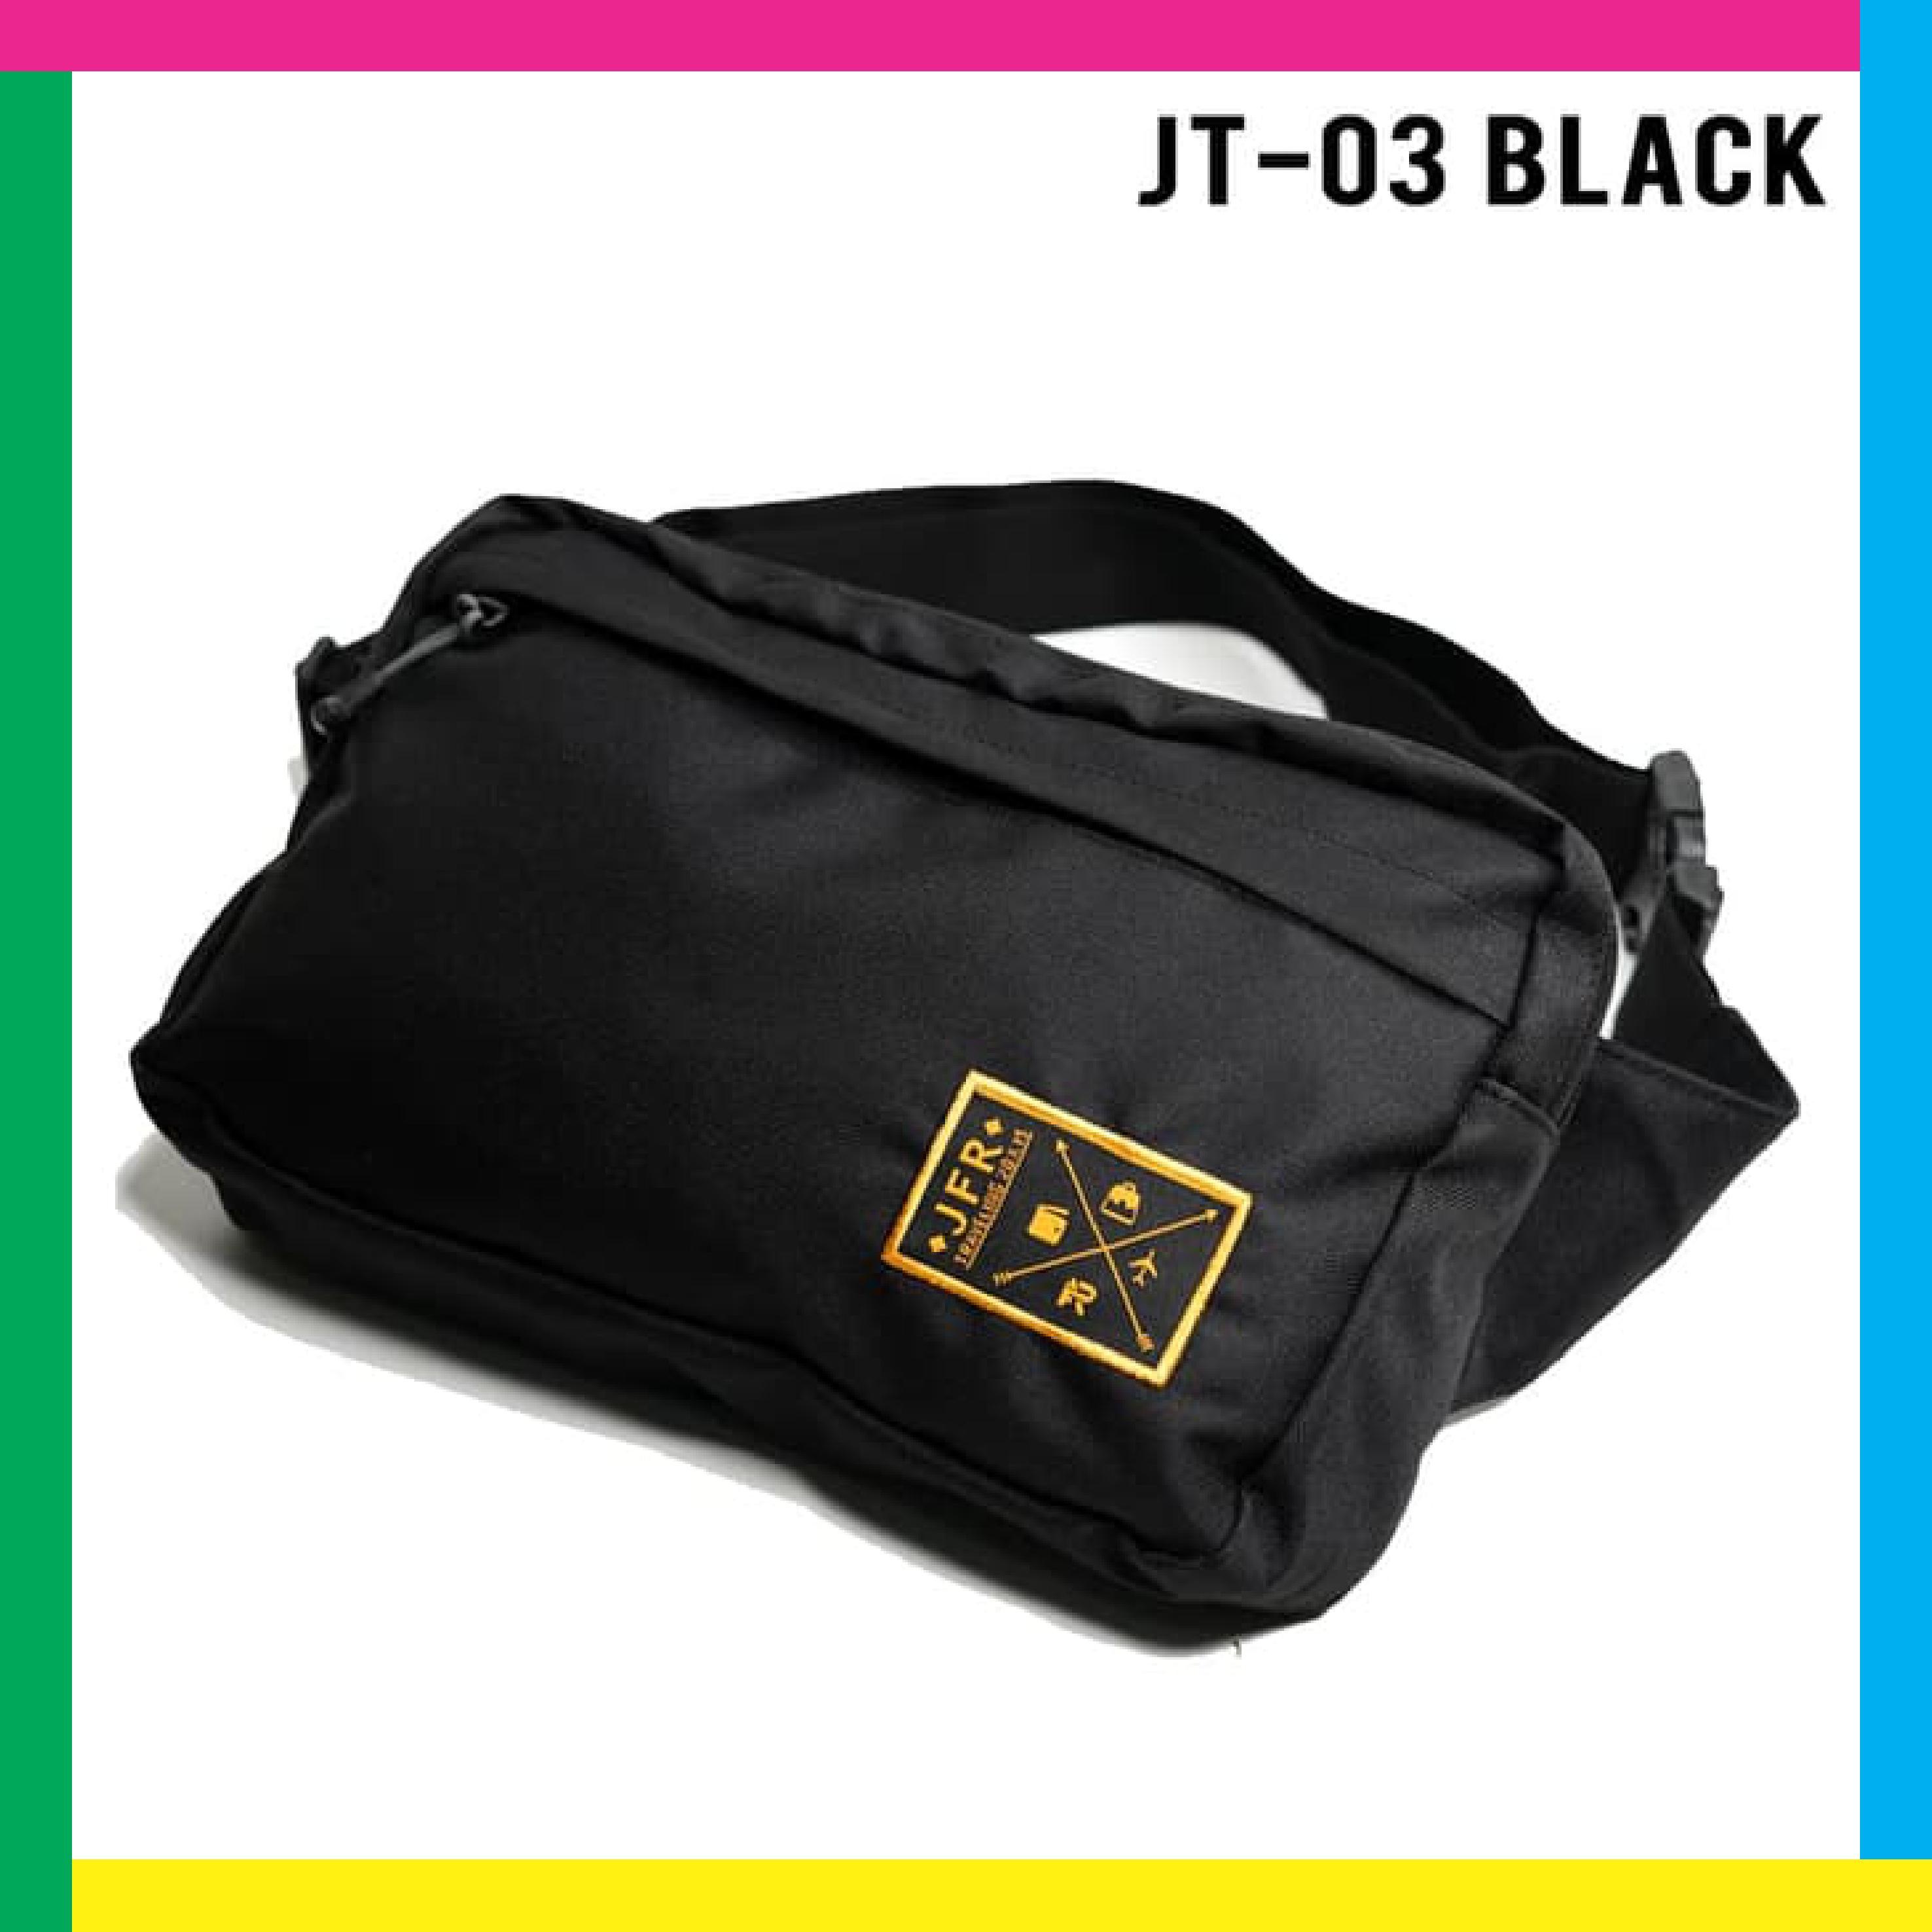 Tas Pinggang Waist Bag Bahan Polyester Jt03 Black / Tas Pinggang Pria Keren / Tas Pinggang Pria Casual By Red Trade.